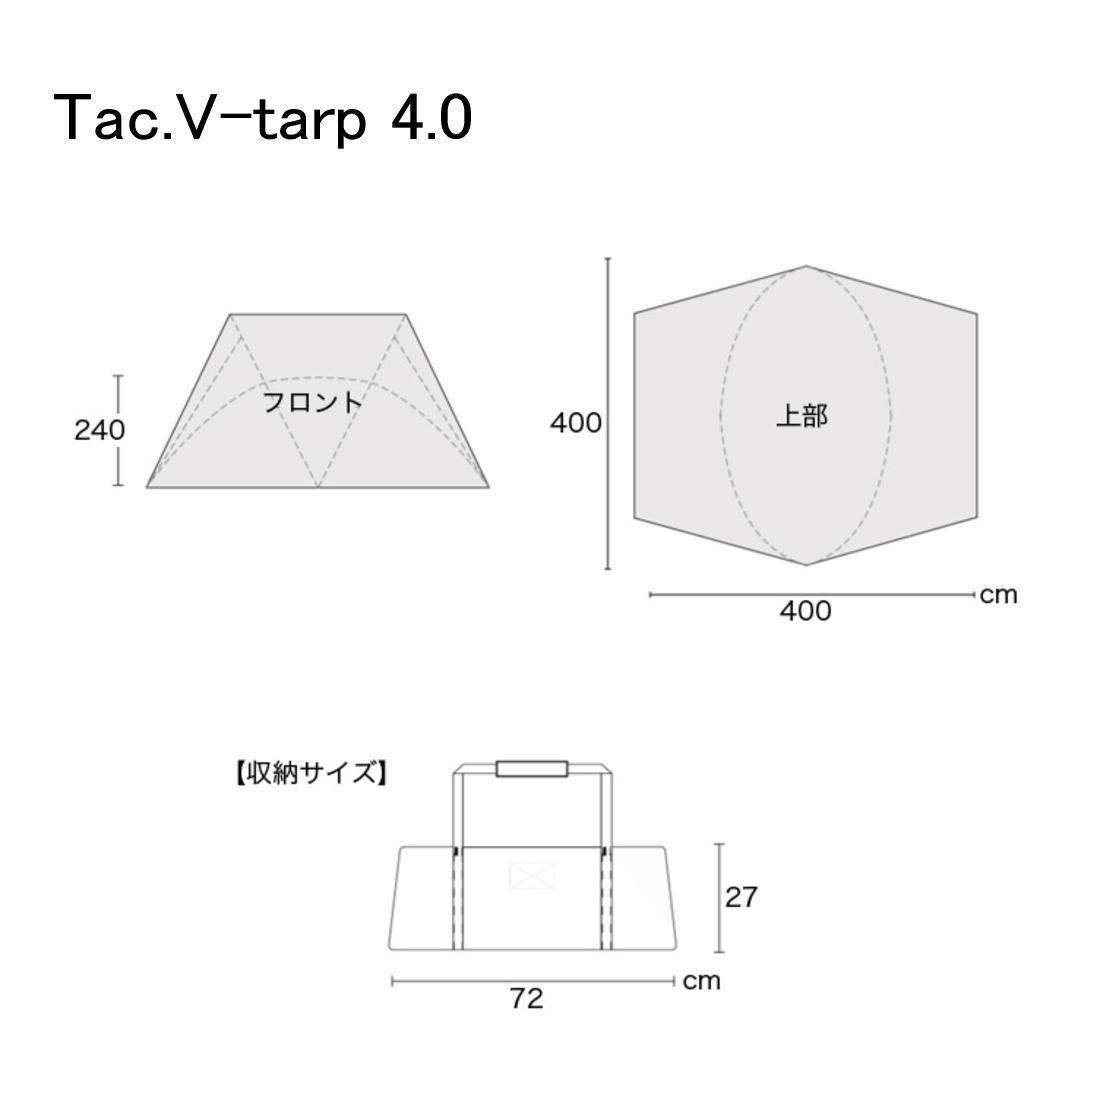 ヘリノックス タクティカル Vタープ4.0 テント  国内正規品